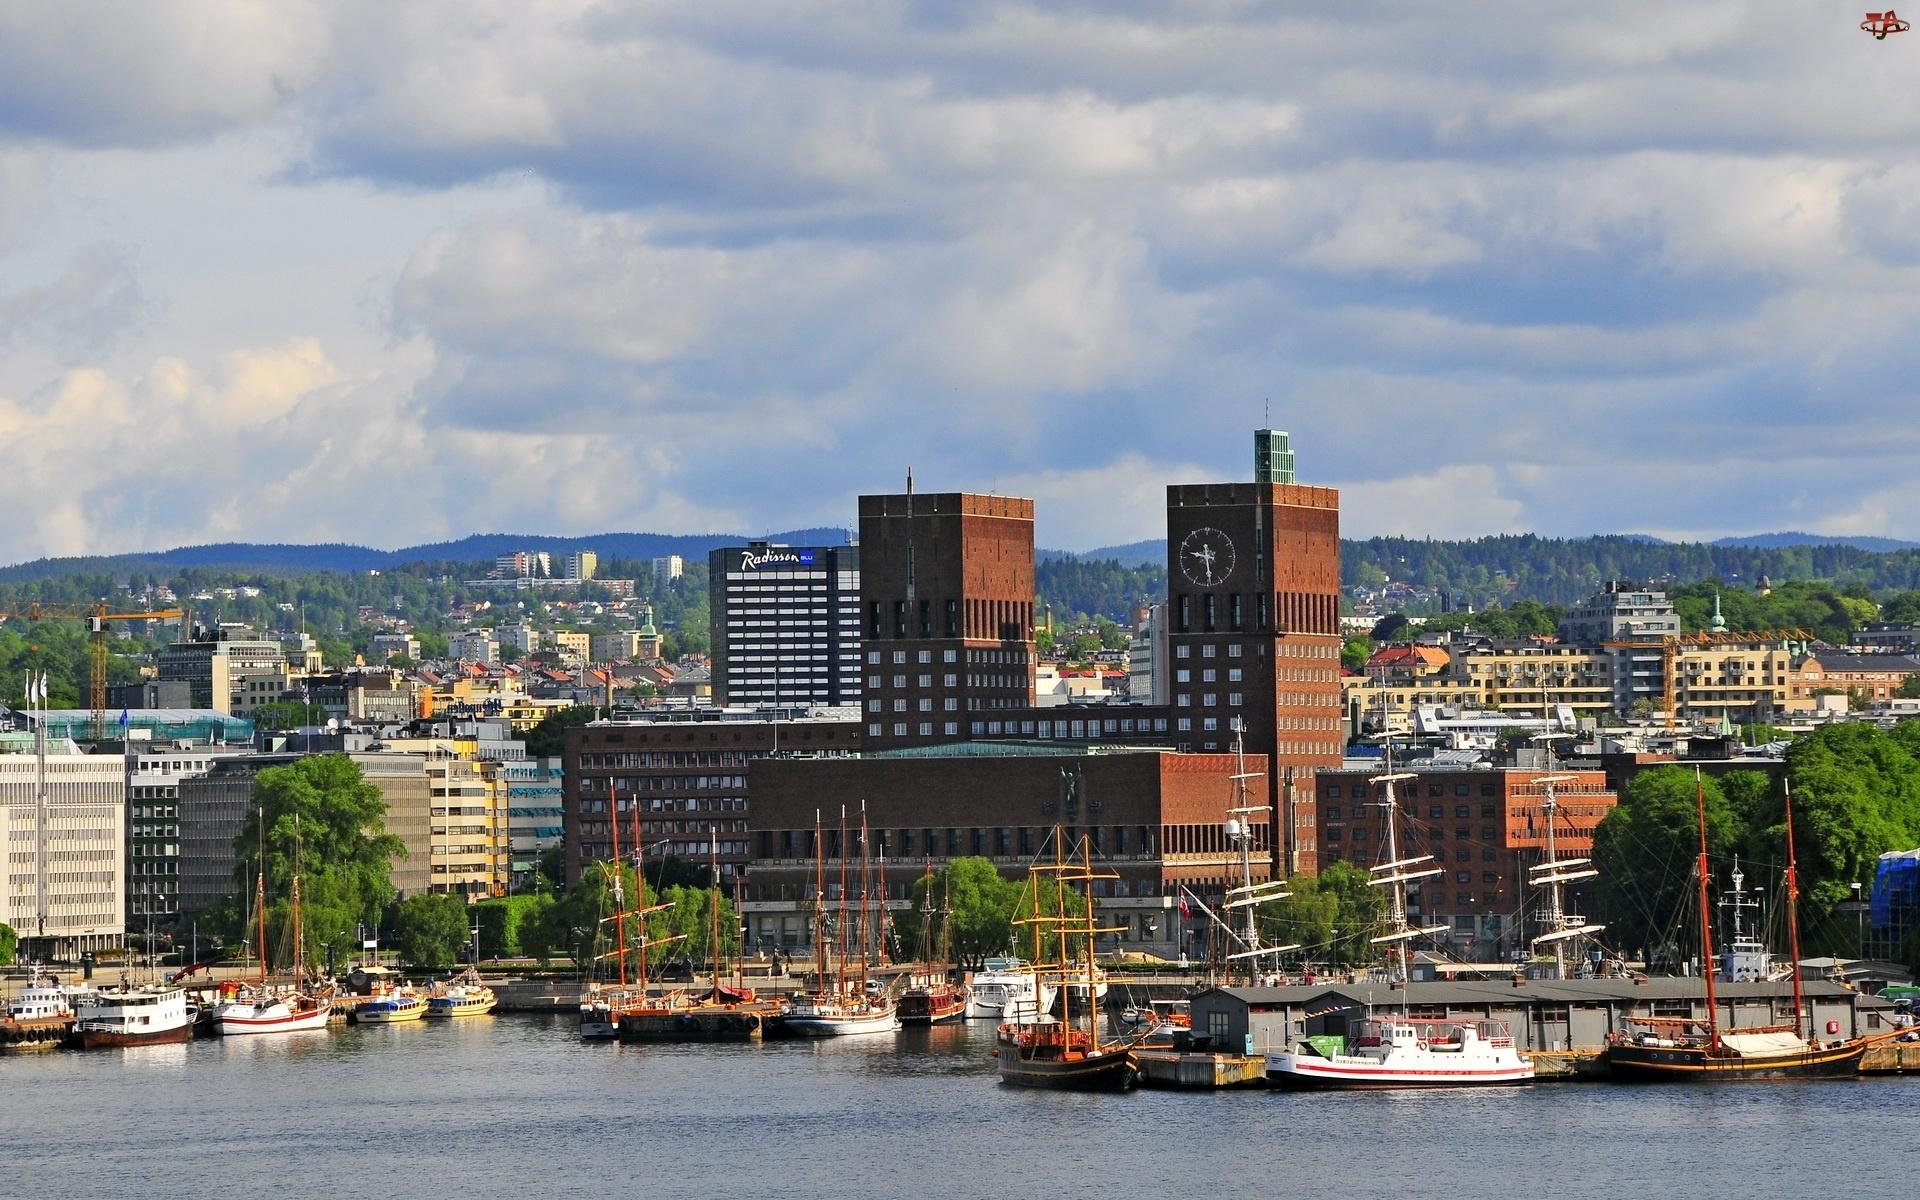 Miasto, Żaglowce, W, Norwegi